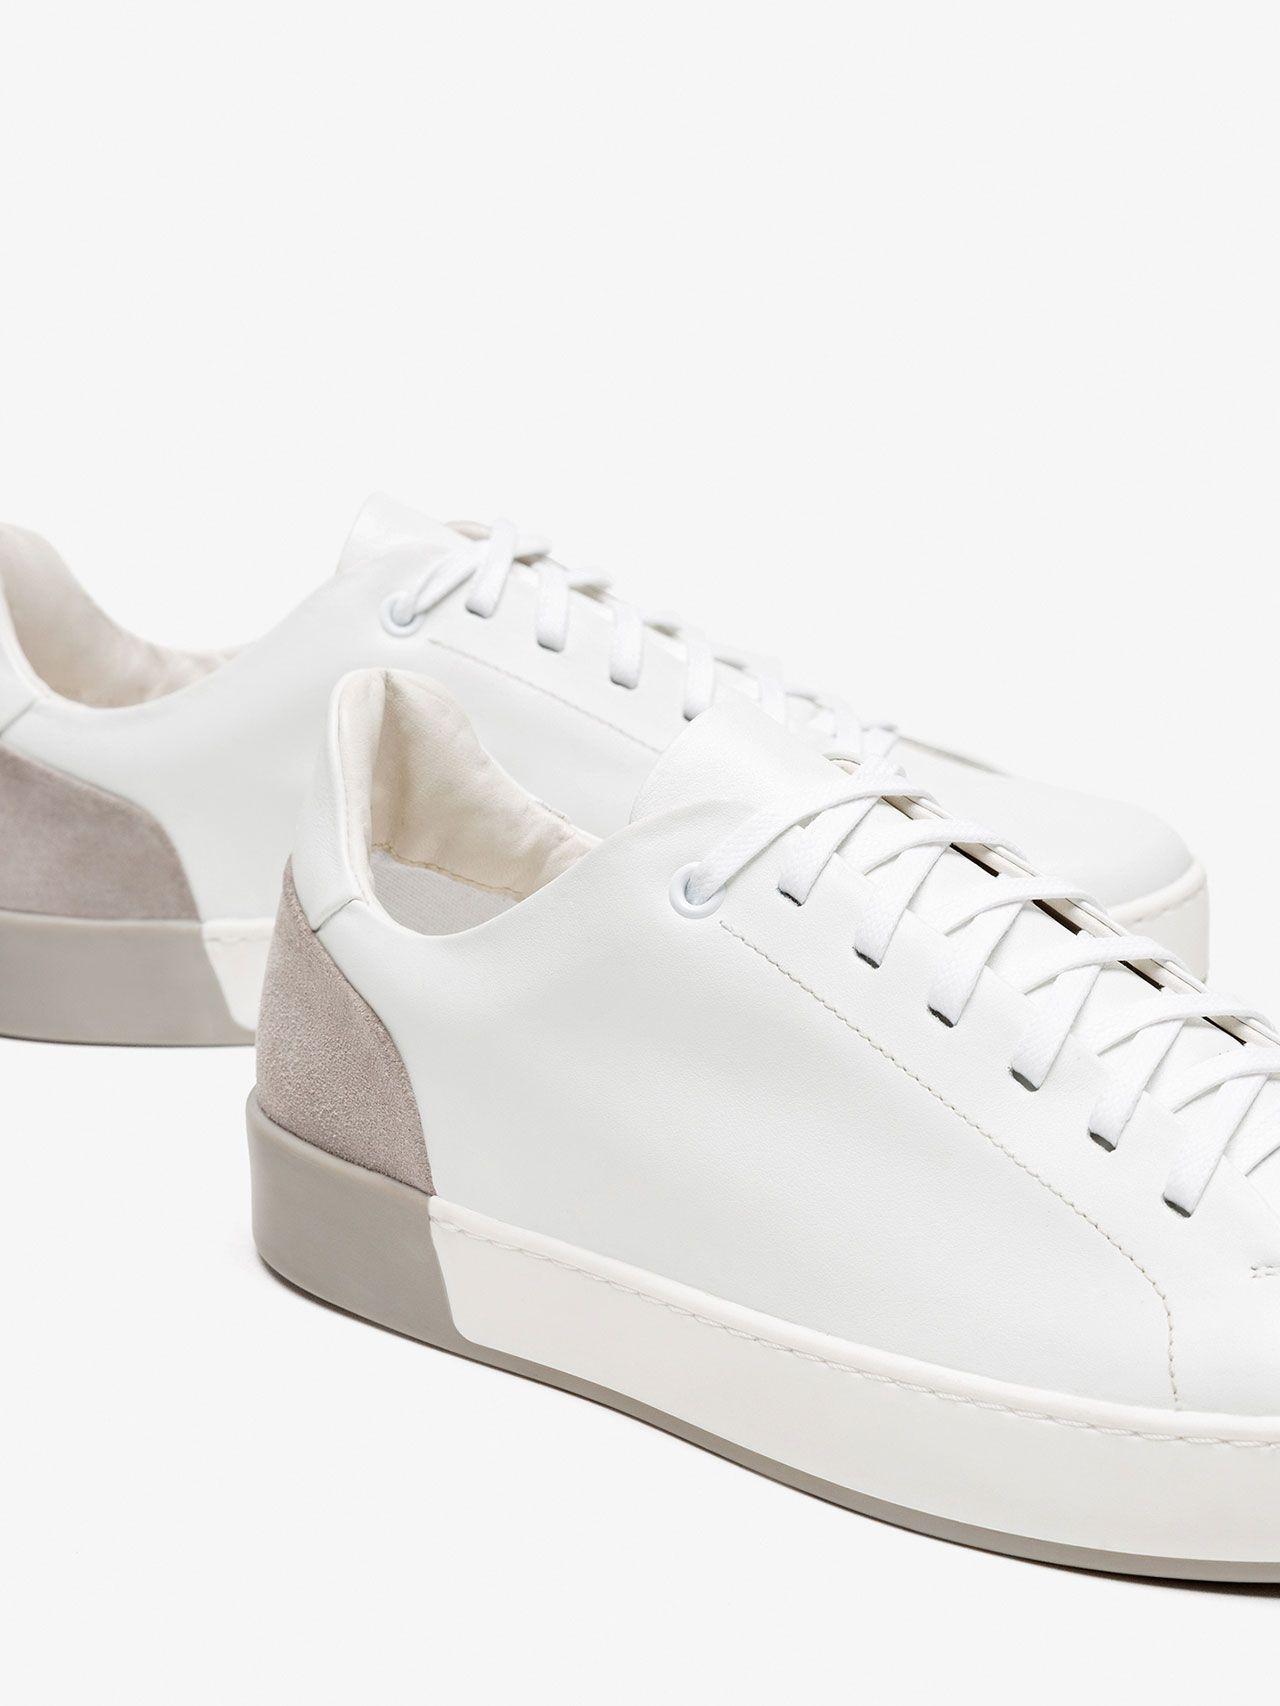 ca420c1737 Zapatillas Deportivas - Zapatos - HOMBRE Massimo Dutti España | shoe ...